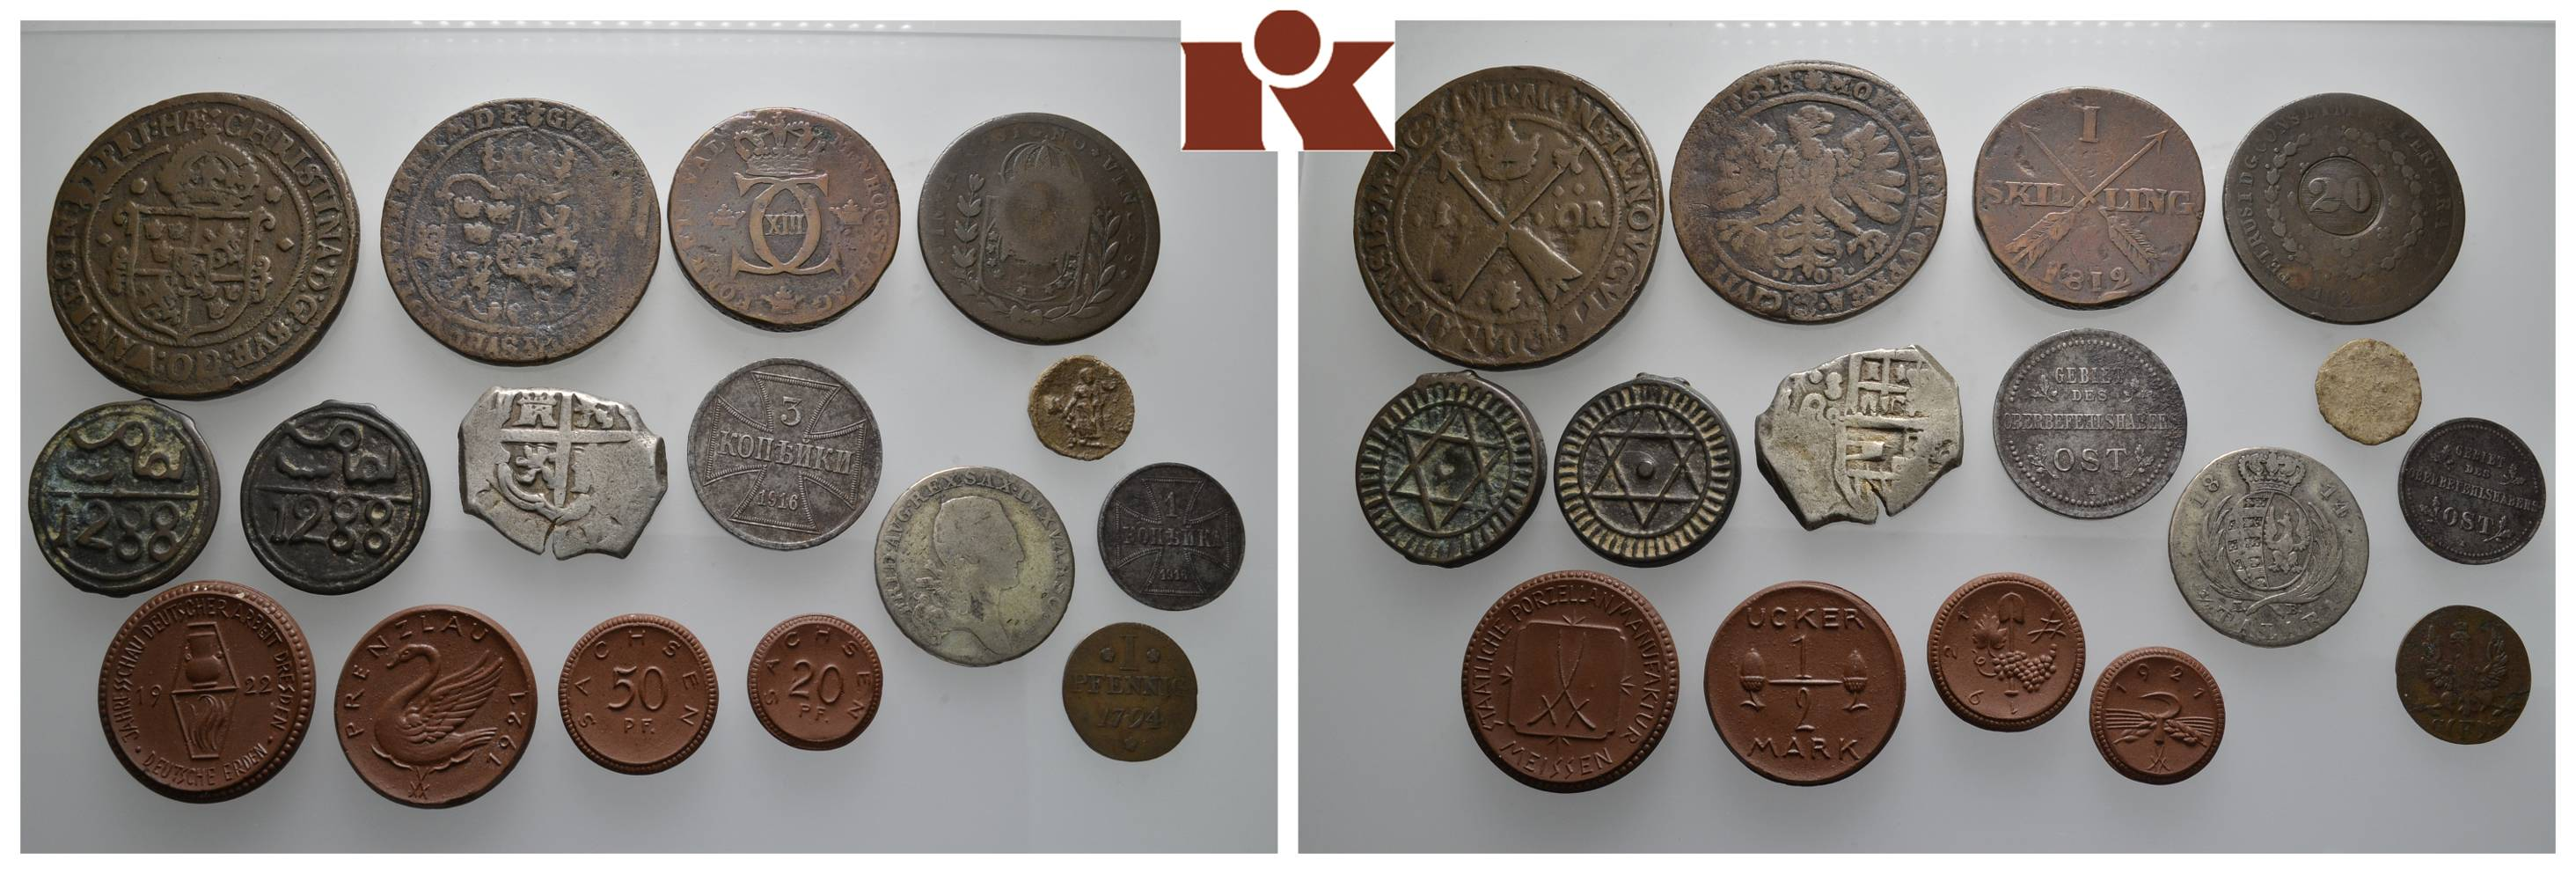 Diverse Deutsche Und Ausländische Münzen Und Medaillen Des 17 20